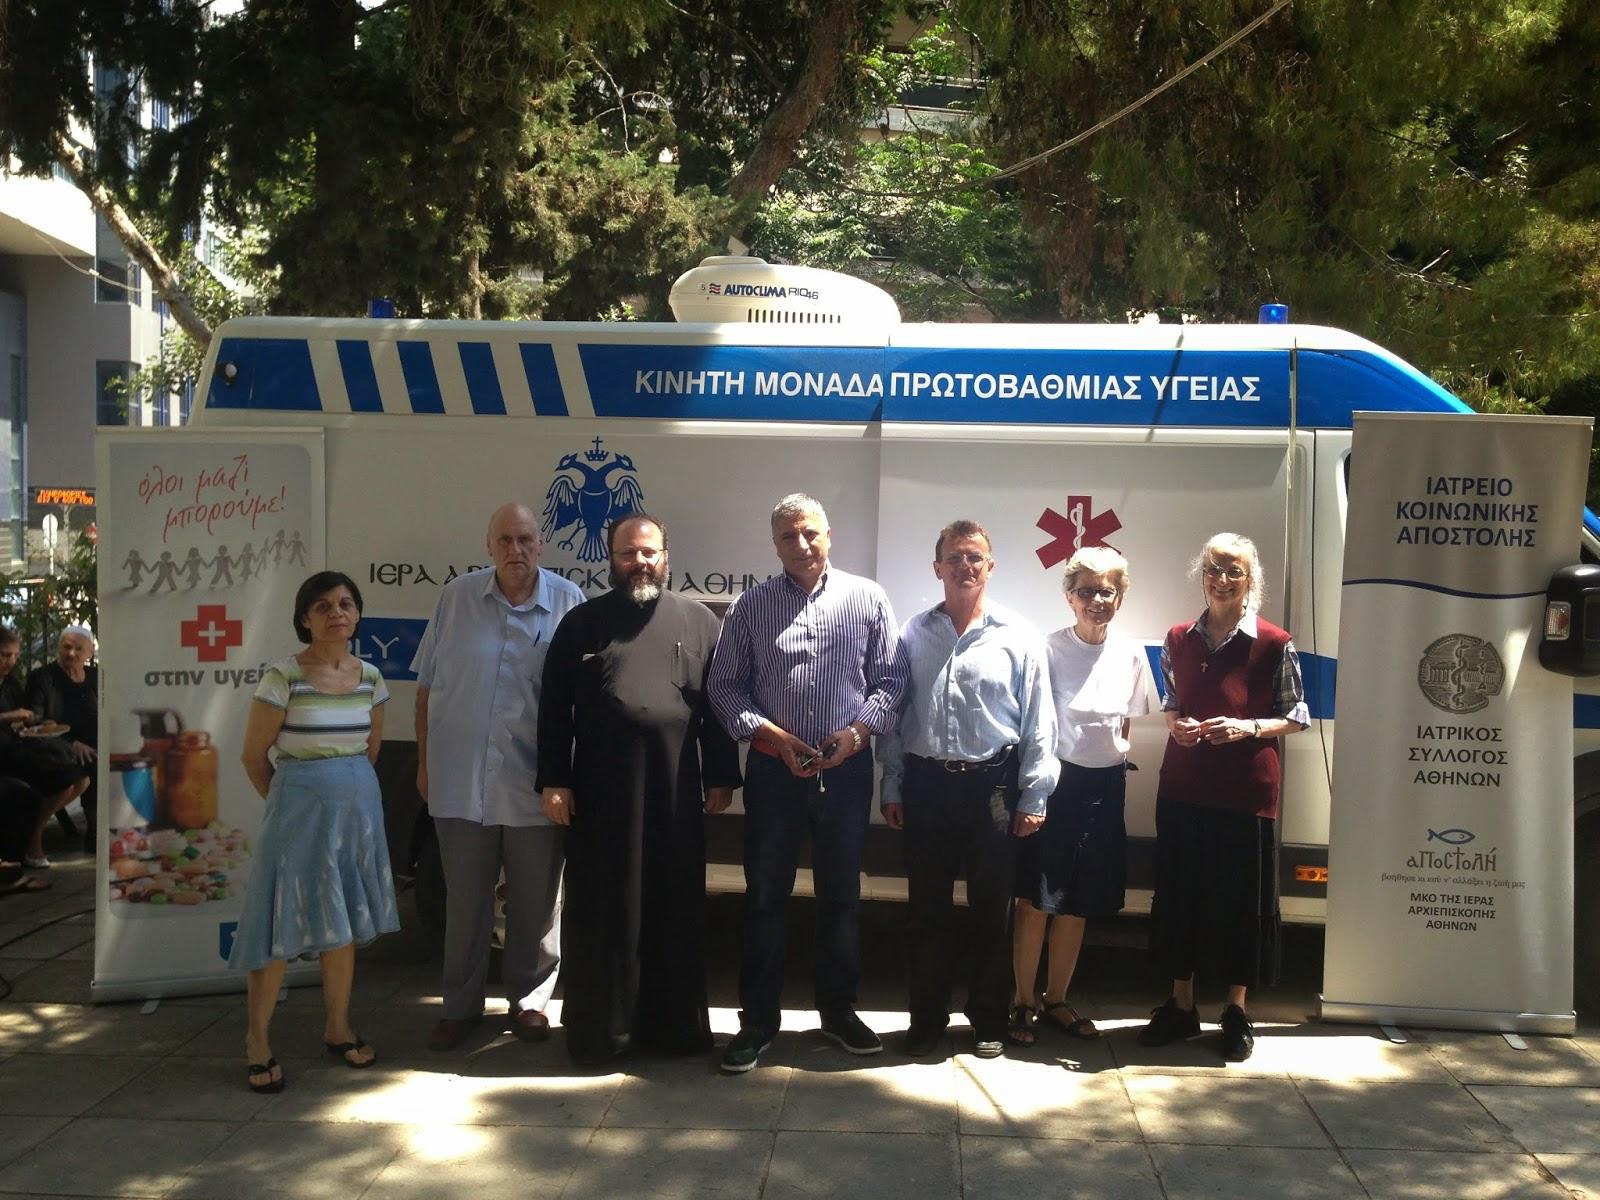 Στον Αγ. Χαράλαμπο Ιλισίων το Ιατρείο Κοινωνικής Αποστολής και ο ΣΚΑΙ για το Πρόγραμμα Υγείας της 3ης Ηλικίας